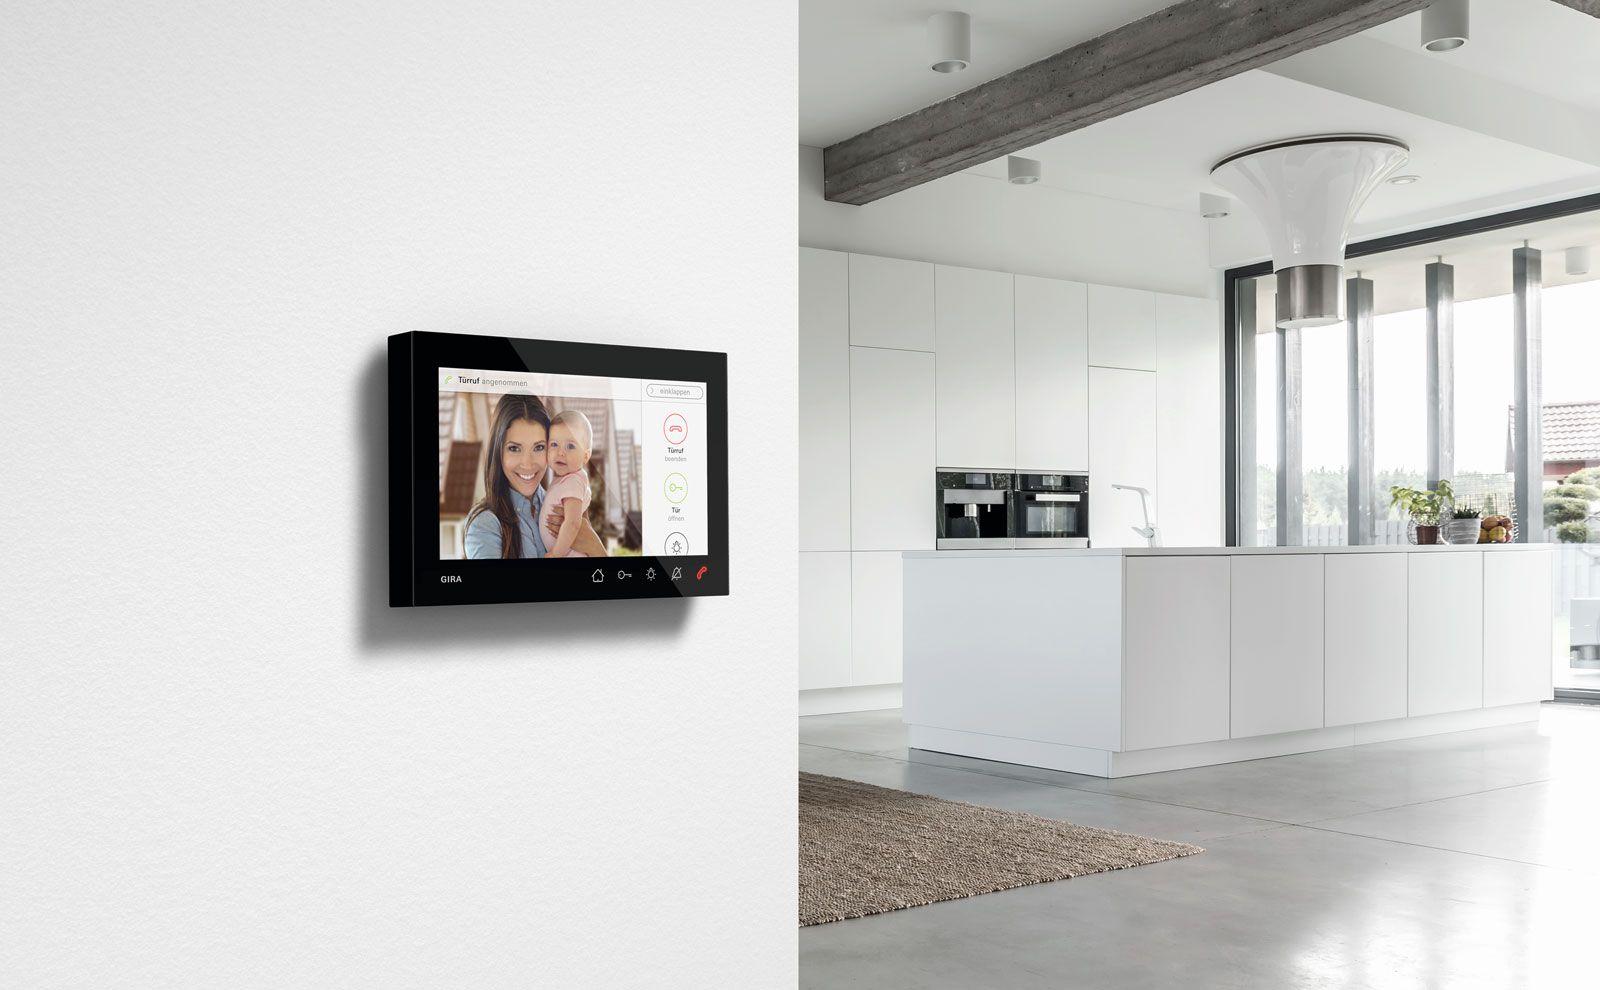 Gira Wohnungsstation Video AP 7 mit schwarzem Rahmen in der Küche